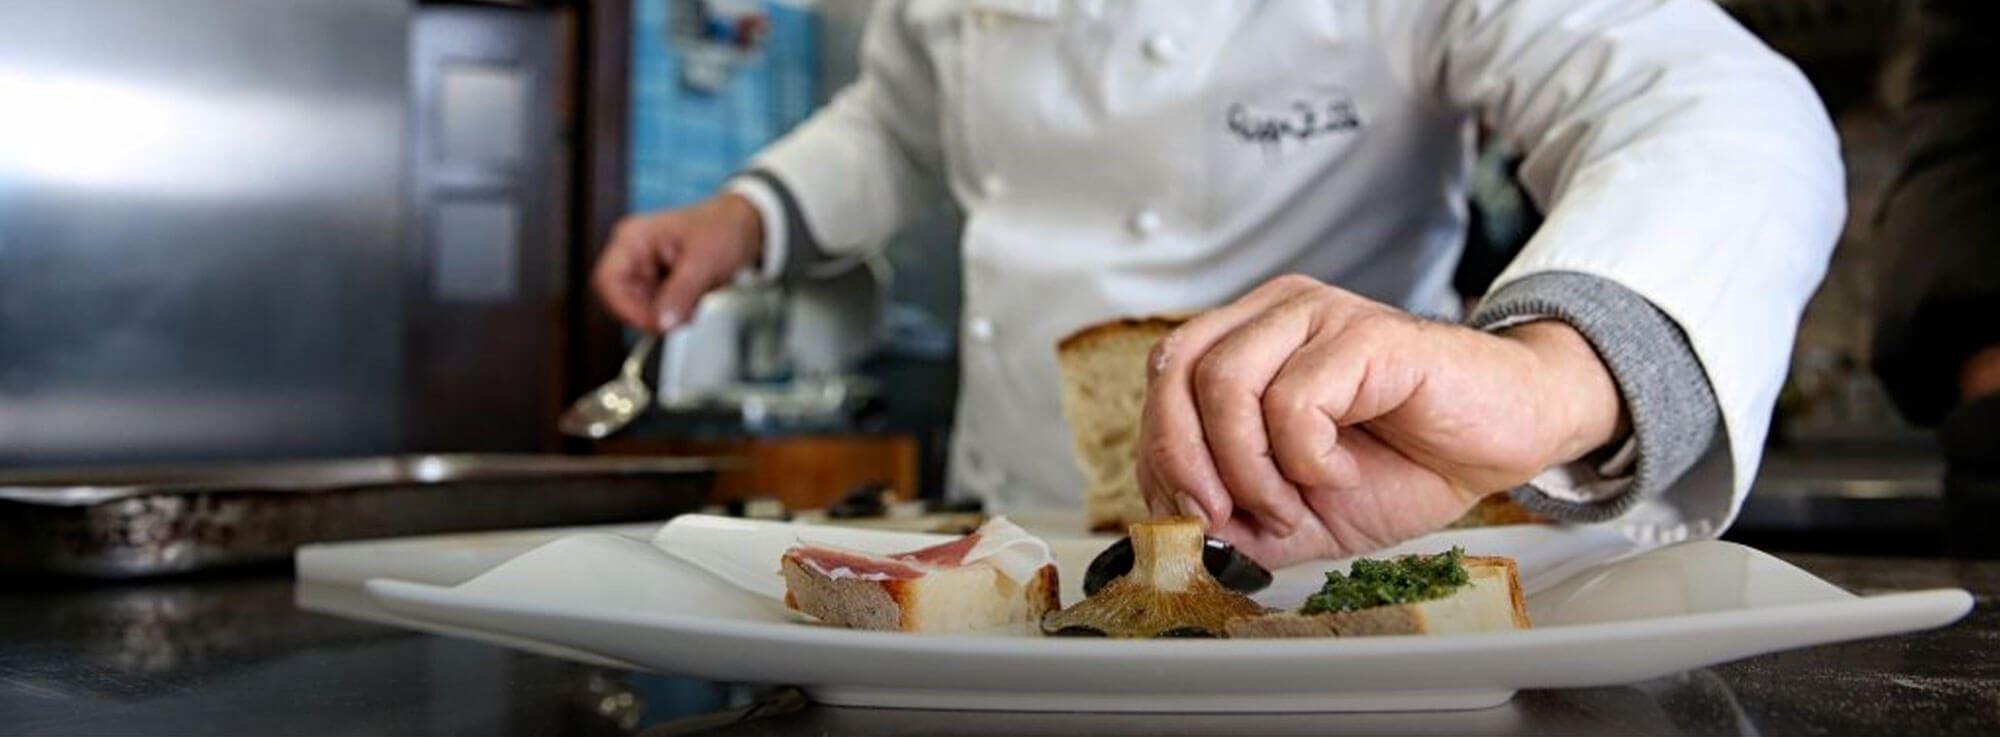 Orsara di Puglia: Il cibo giusto - The right food